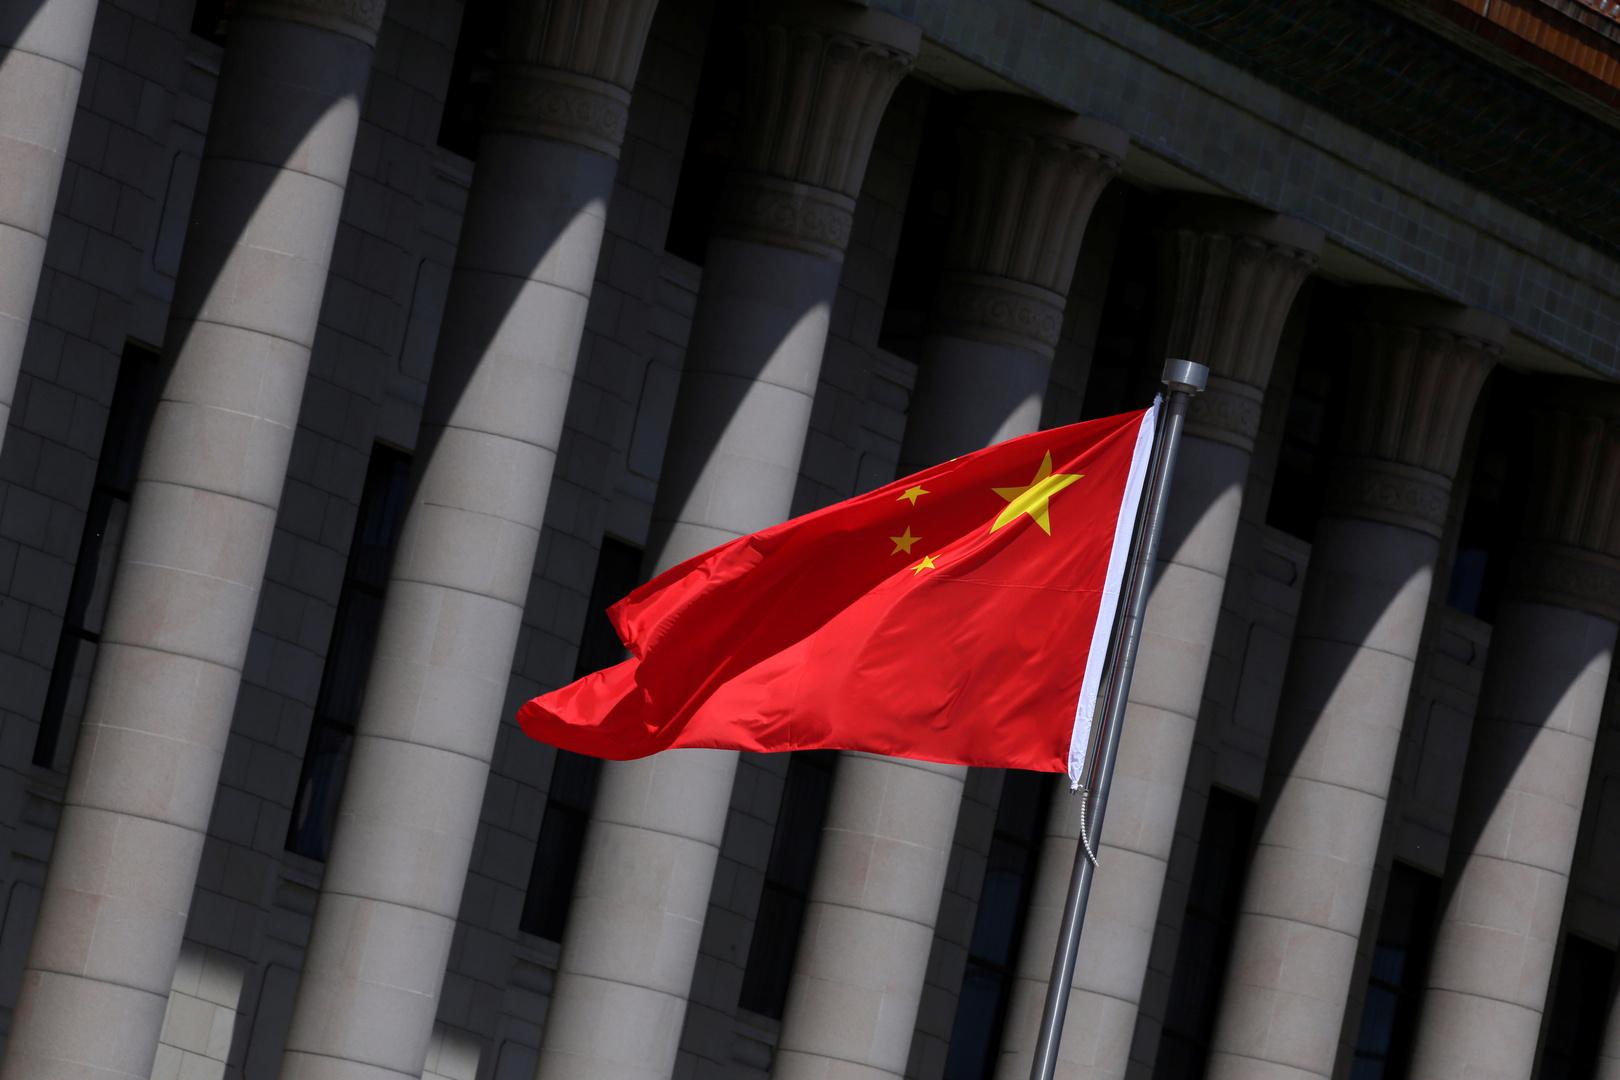 الصين: نشارك روسيا مواقفها إزاء التطورات في الشرق الأوسط